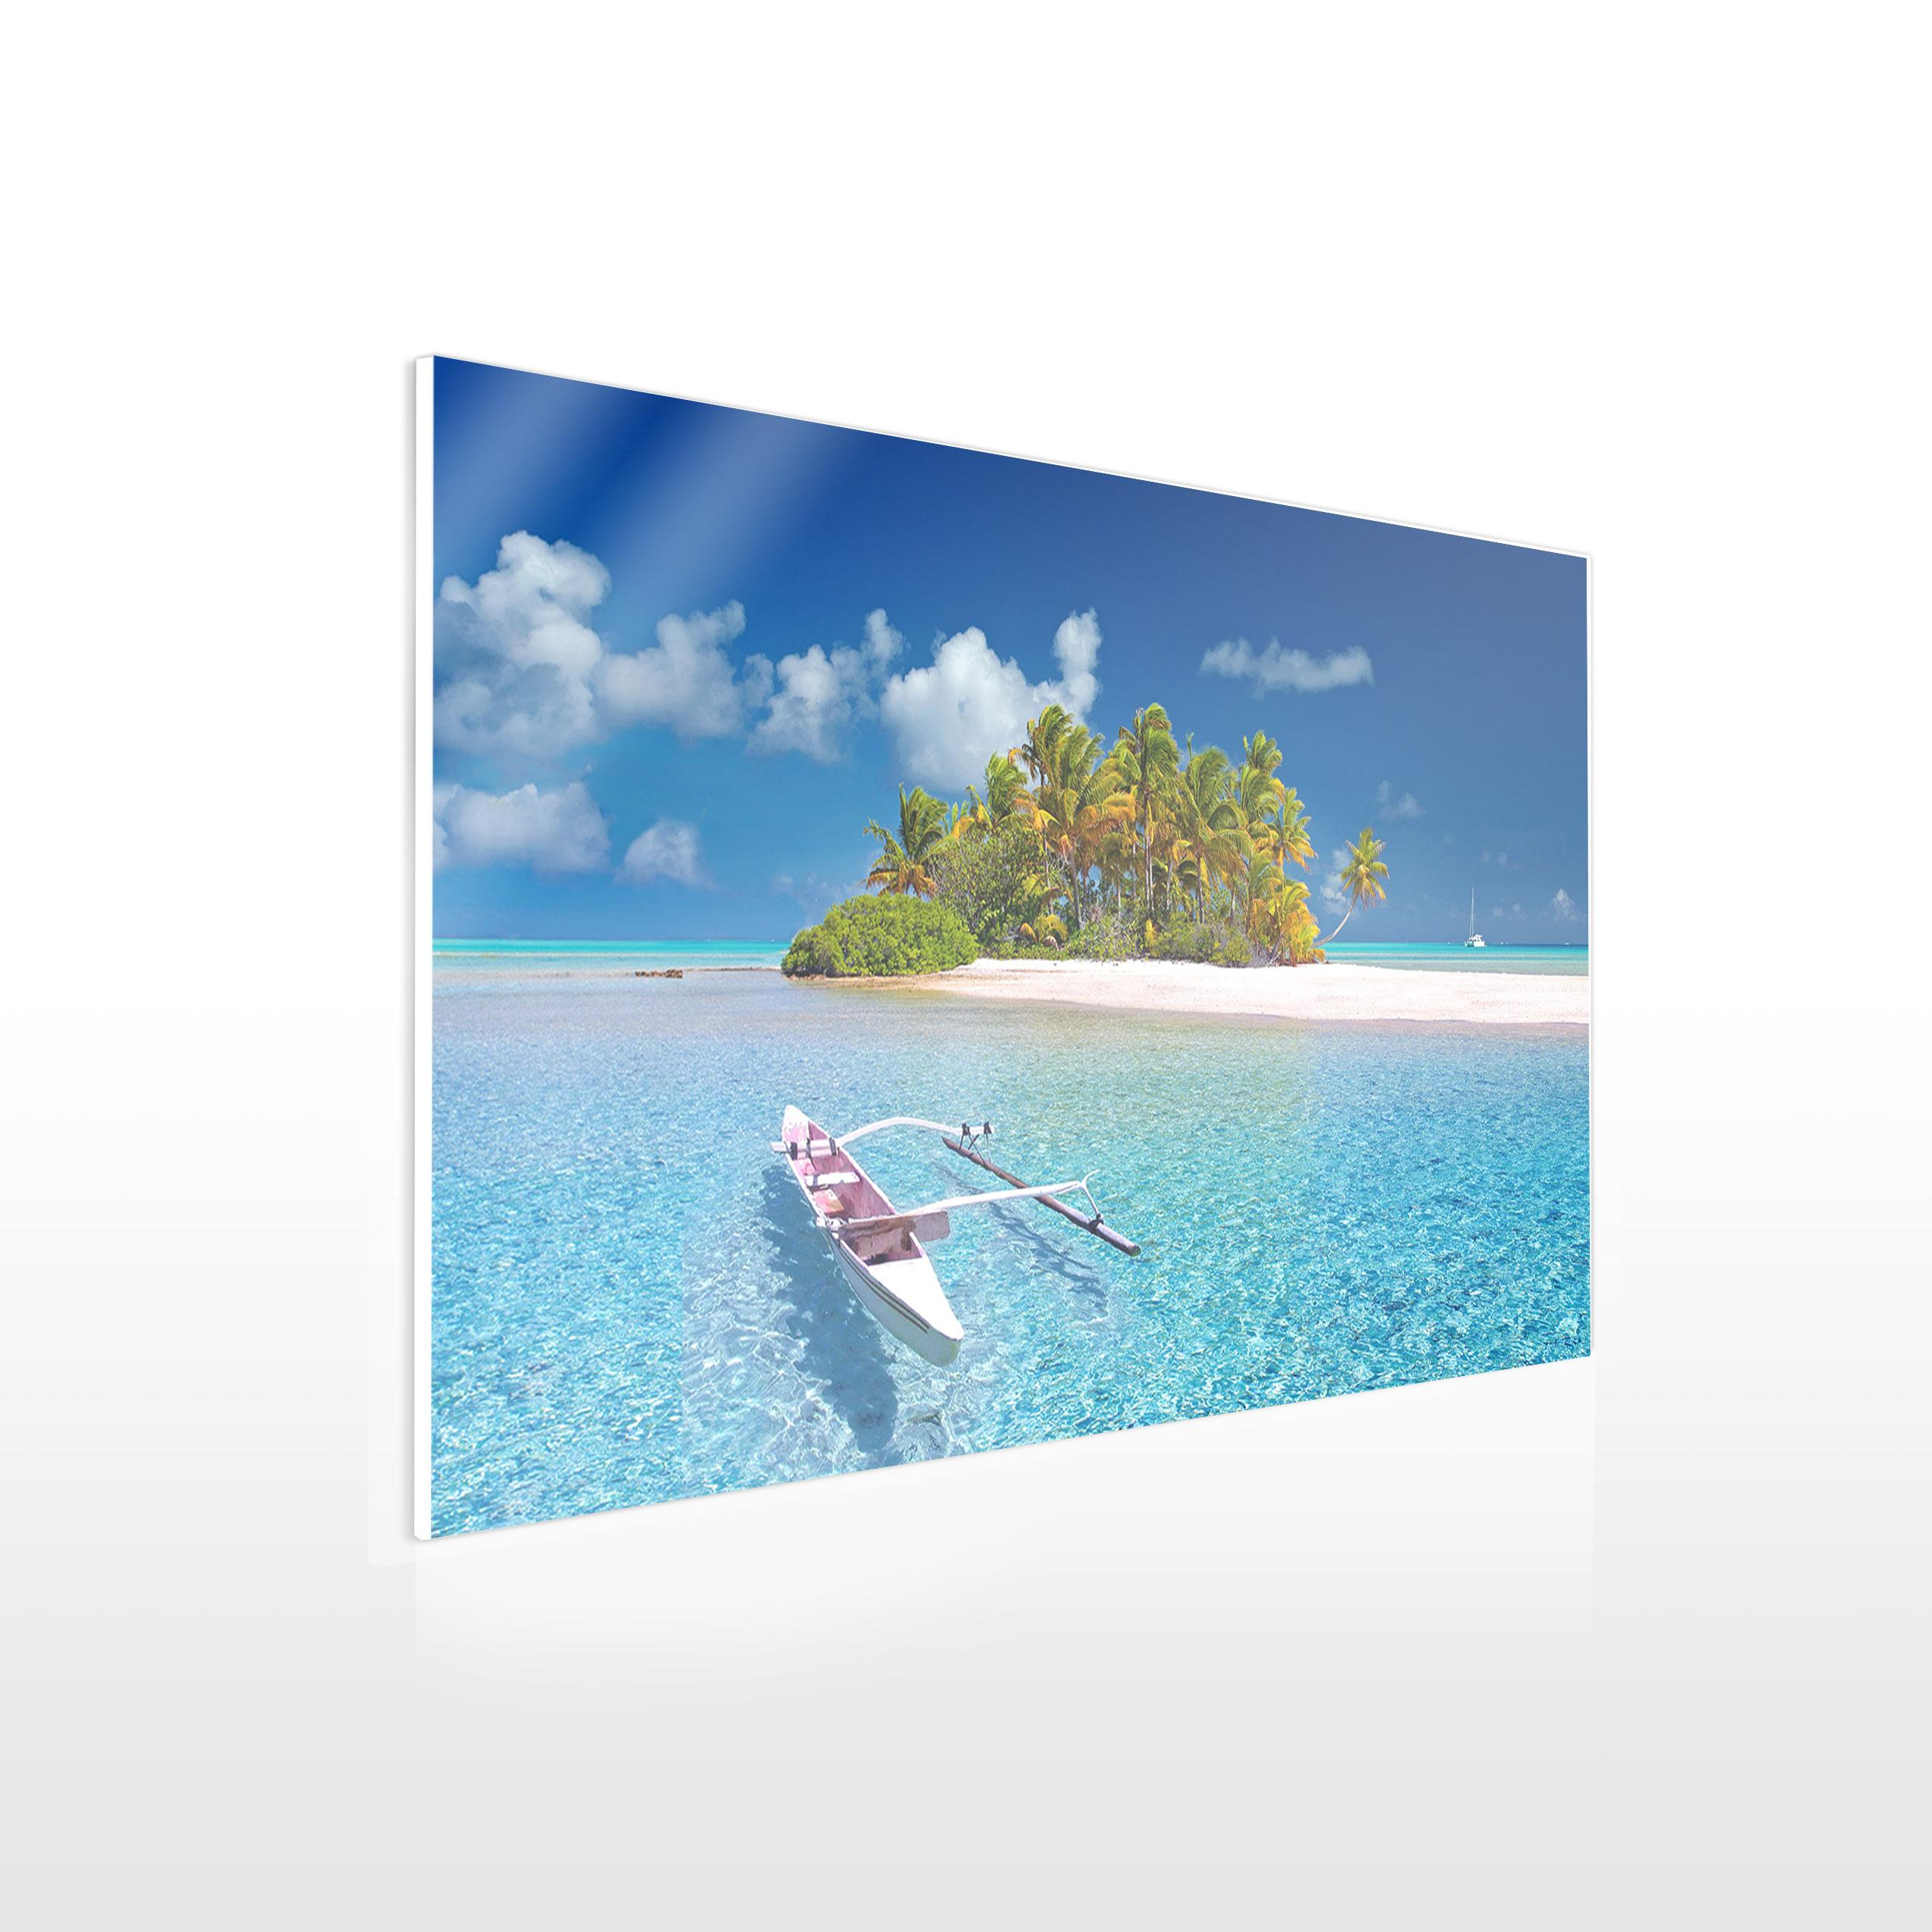 Werbeschilder24.de - Leinwandbild auf Acrylglas - Beispiel Urlaubsfoto